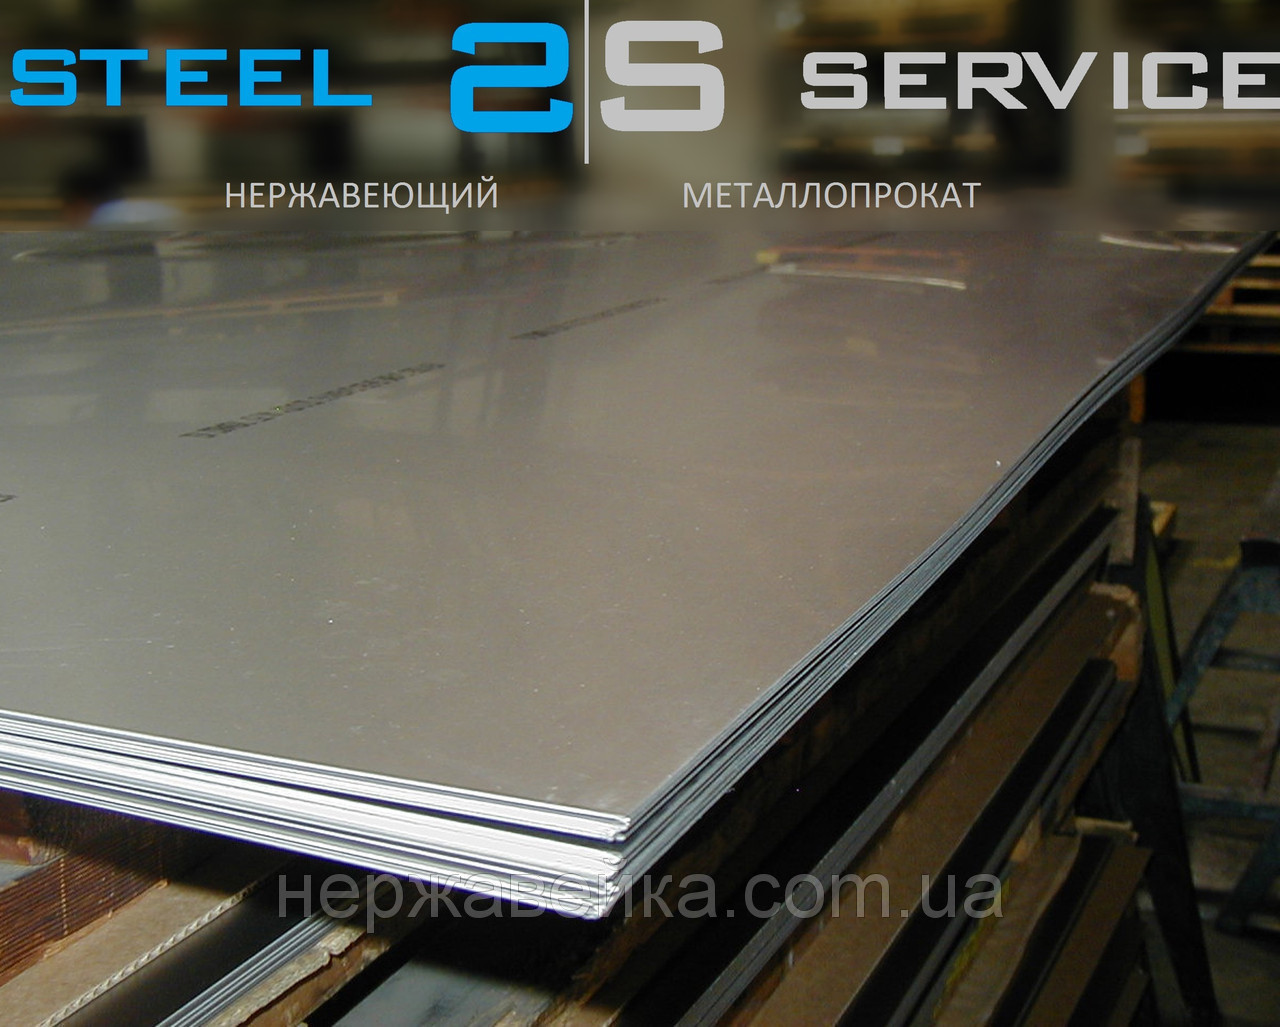 Нержавеющий лист 1,5х1250х2500мм  AISI 321(08Х18Н10Т) 4N - шлифованный,  пищевой